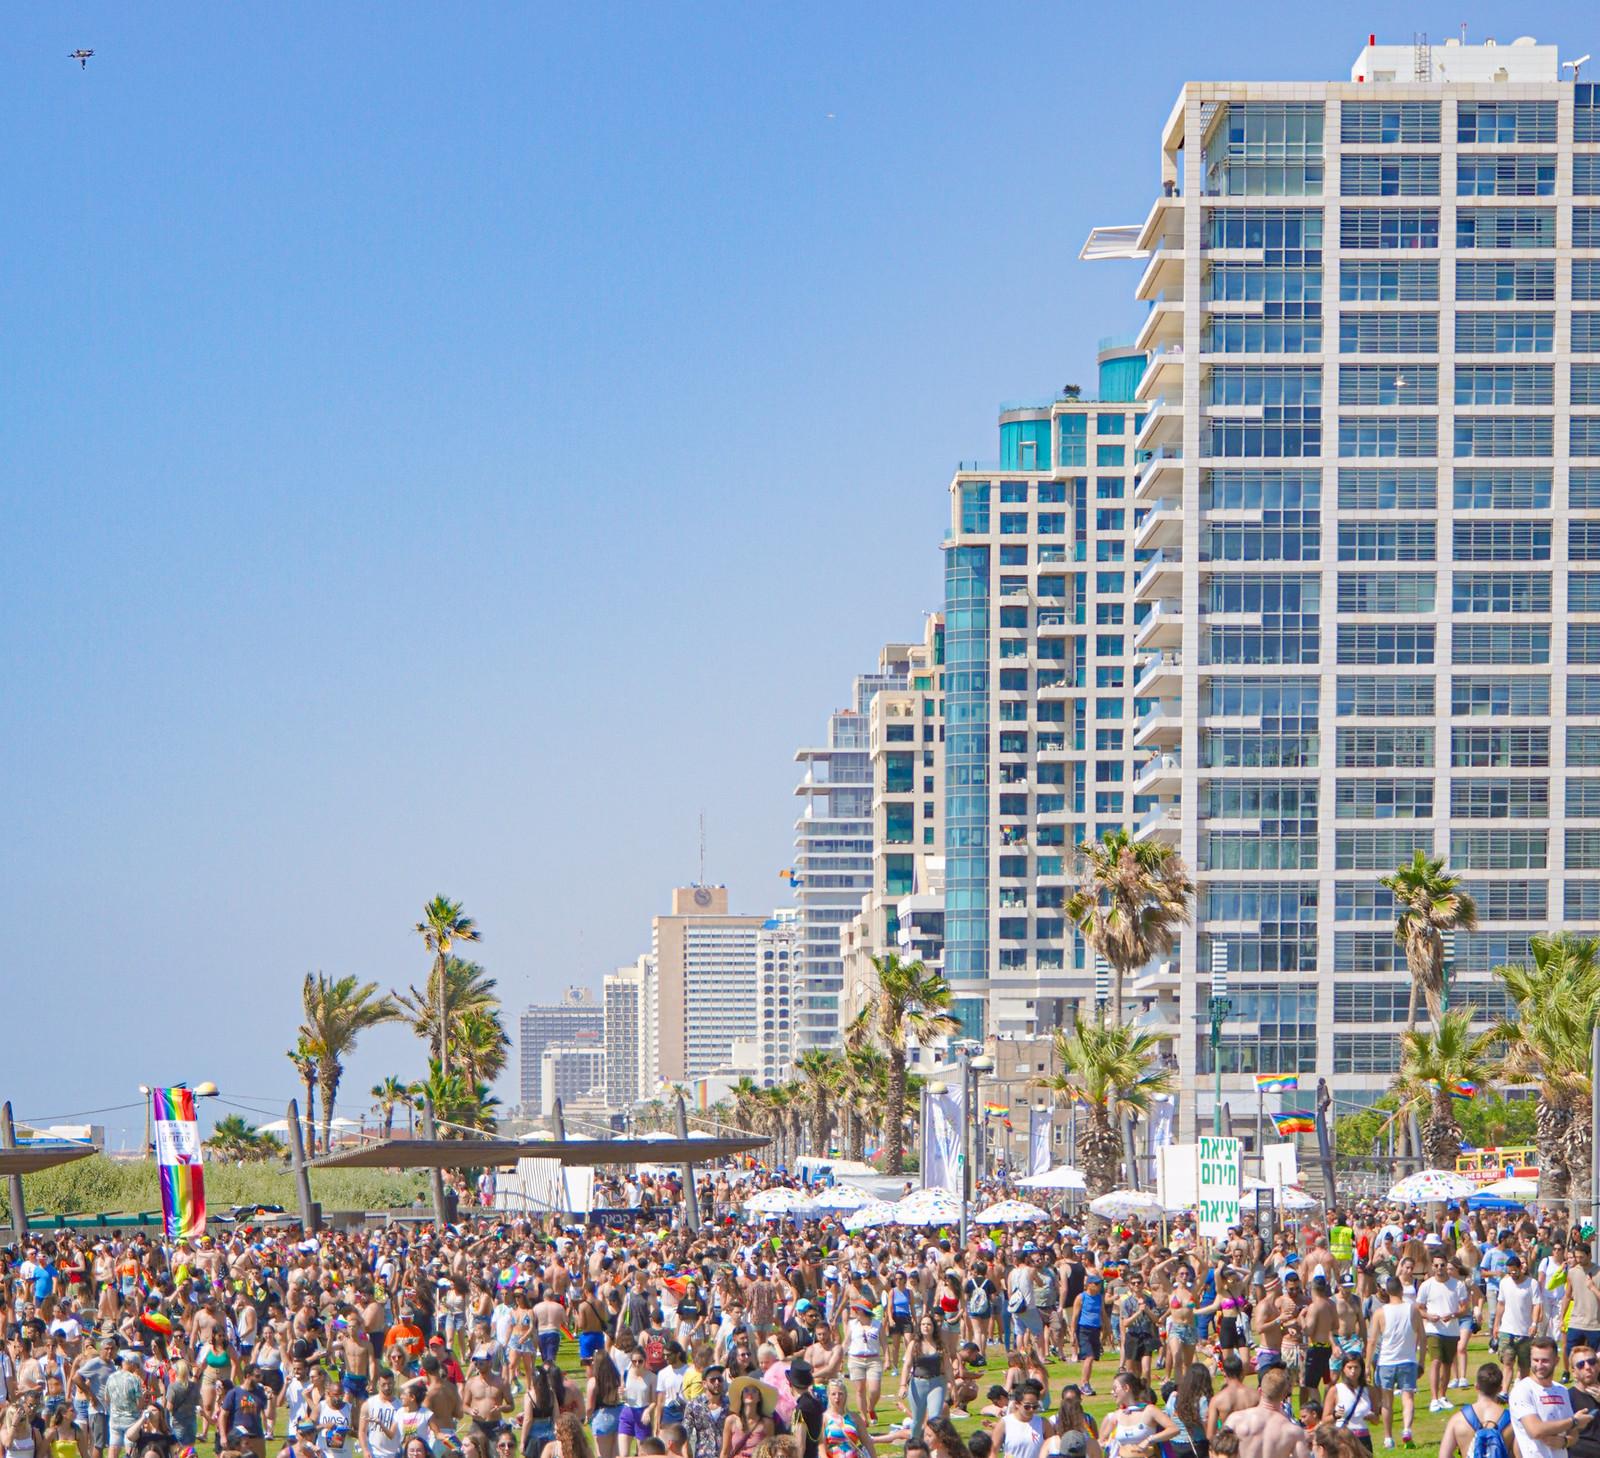 2019.06.14 Tel Aviv Pride Parade, Tel Aviv, Israel 1650054